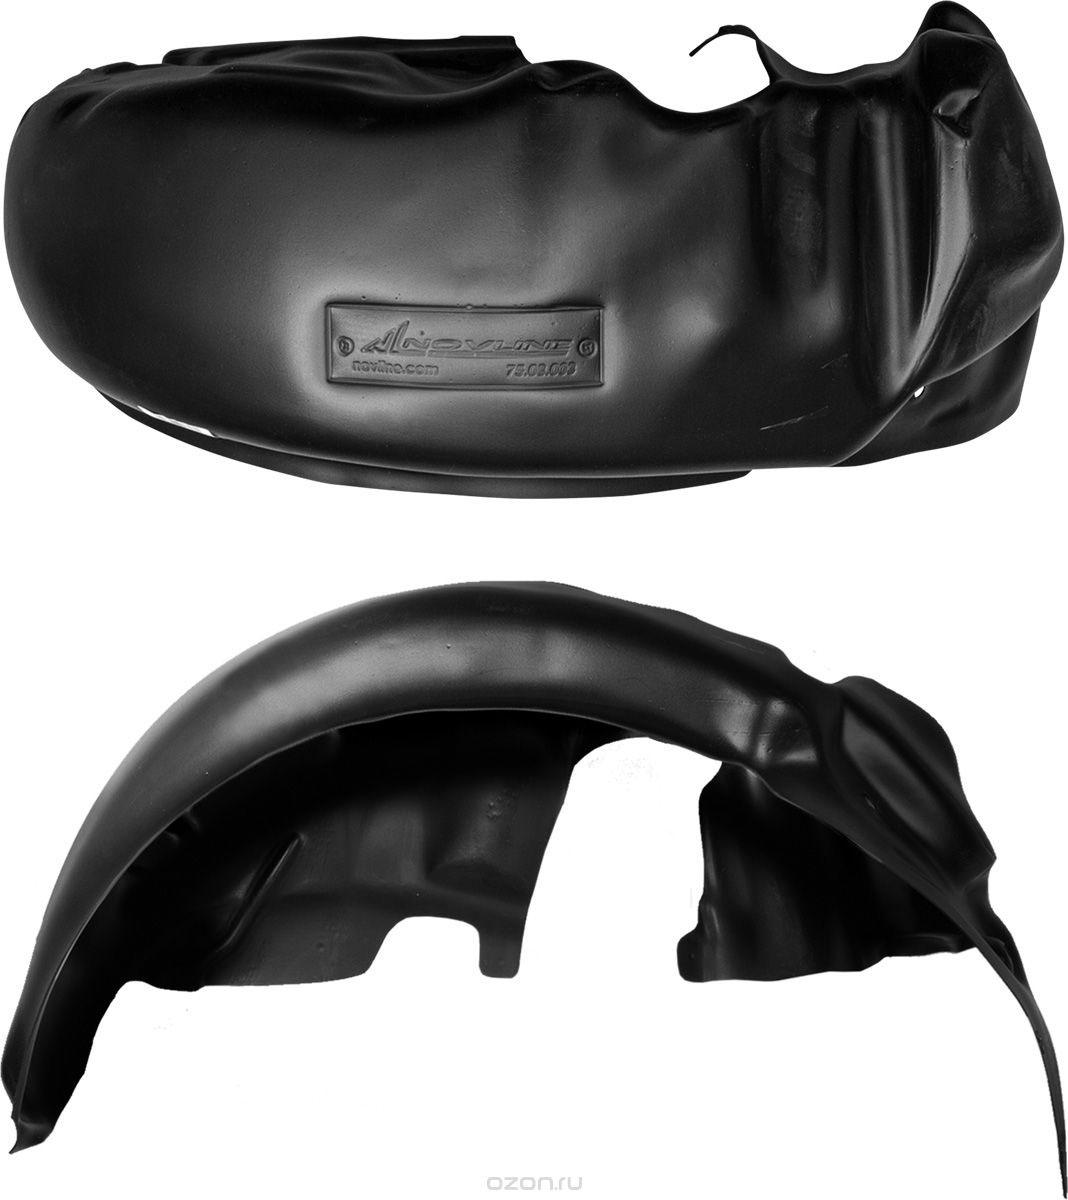 Подкрылок Novline-Autofamily, для Peugeot 107, 2005-2014, задний левыйNLL.38.07.003Идеальная защита колесной ниши. Локеры разработаны с применением цифровых технологий, гарантируют максимальную повторяемость поверхности арки. Изделия устанавливаются без нарушения лакокрасочного покрытия автомобиля, каждый подкрылок комплектуется крепежом. Уважаемые клиенты, обращаем ваше внимание, что фотографии на подкрылки универсальные и не отражают реальную форму изделия. При этом само изделие идет точно под размер указанного автомобиля.